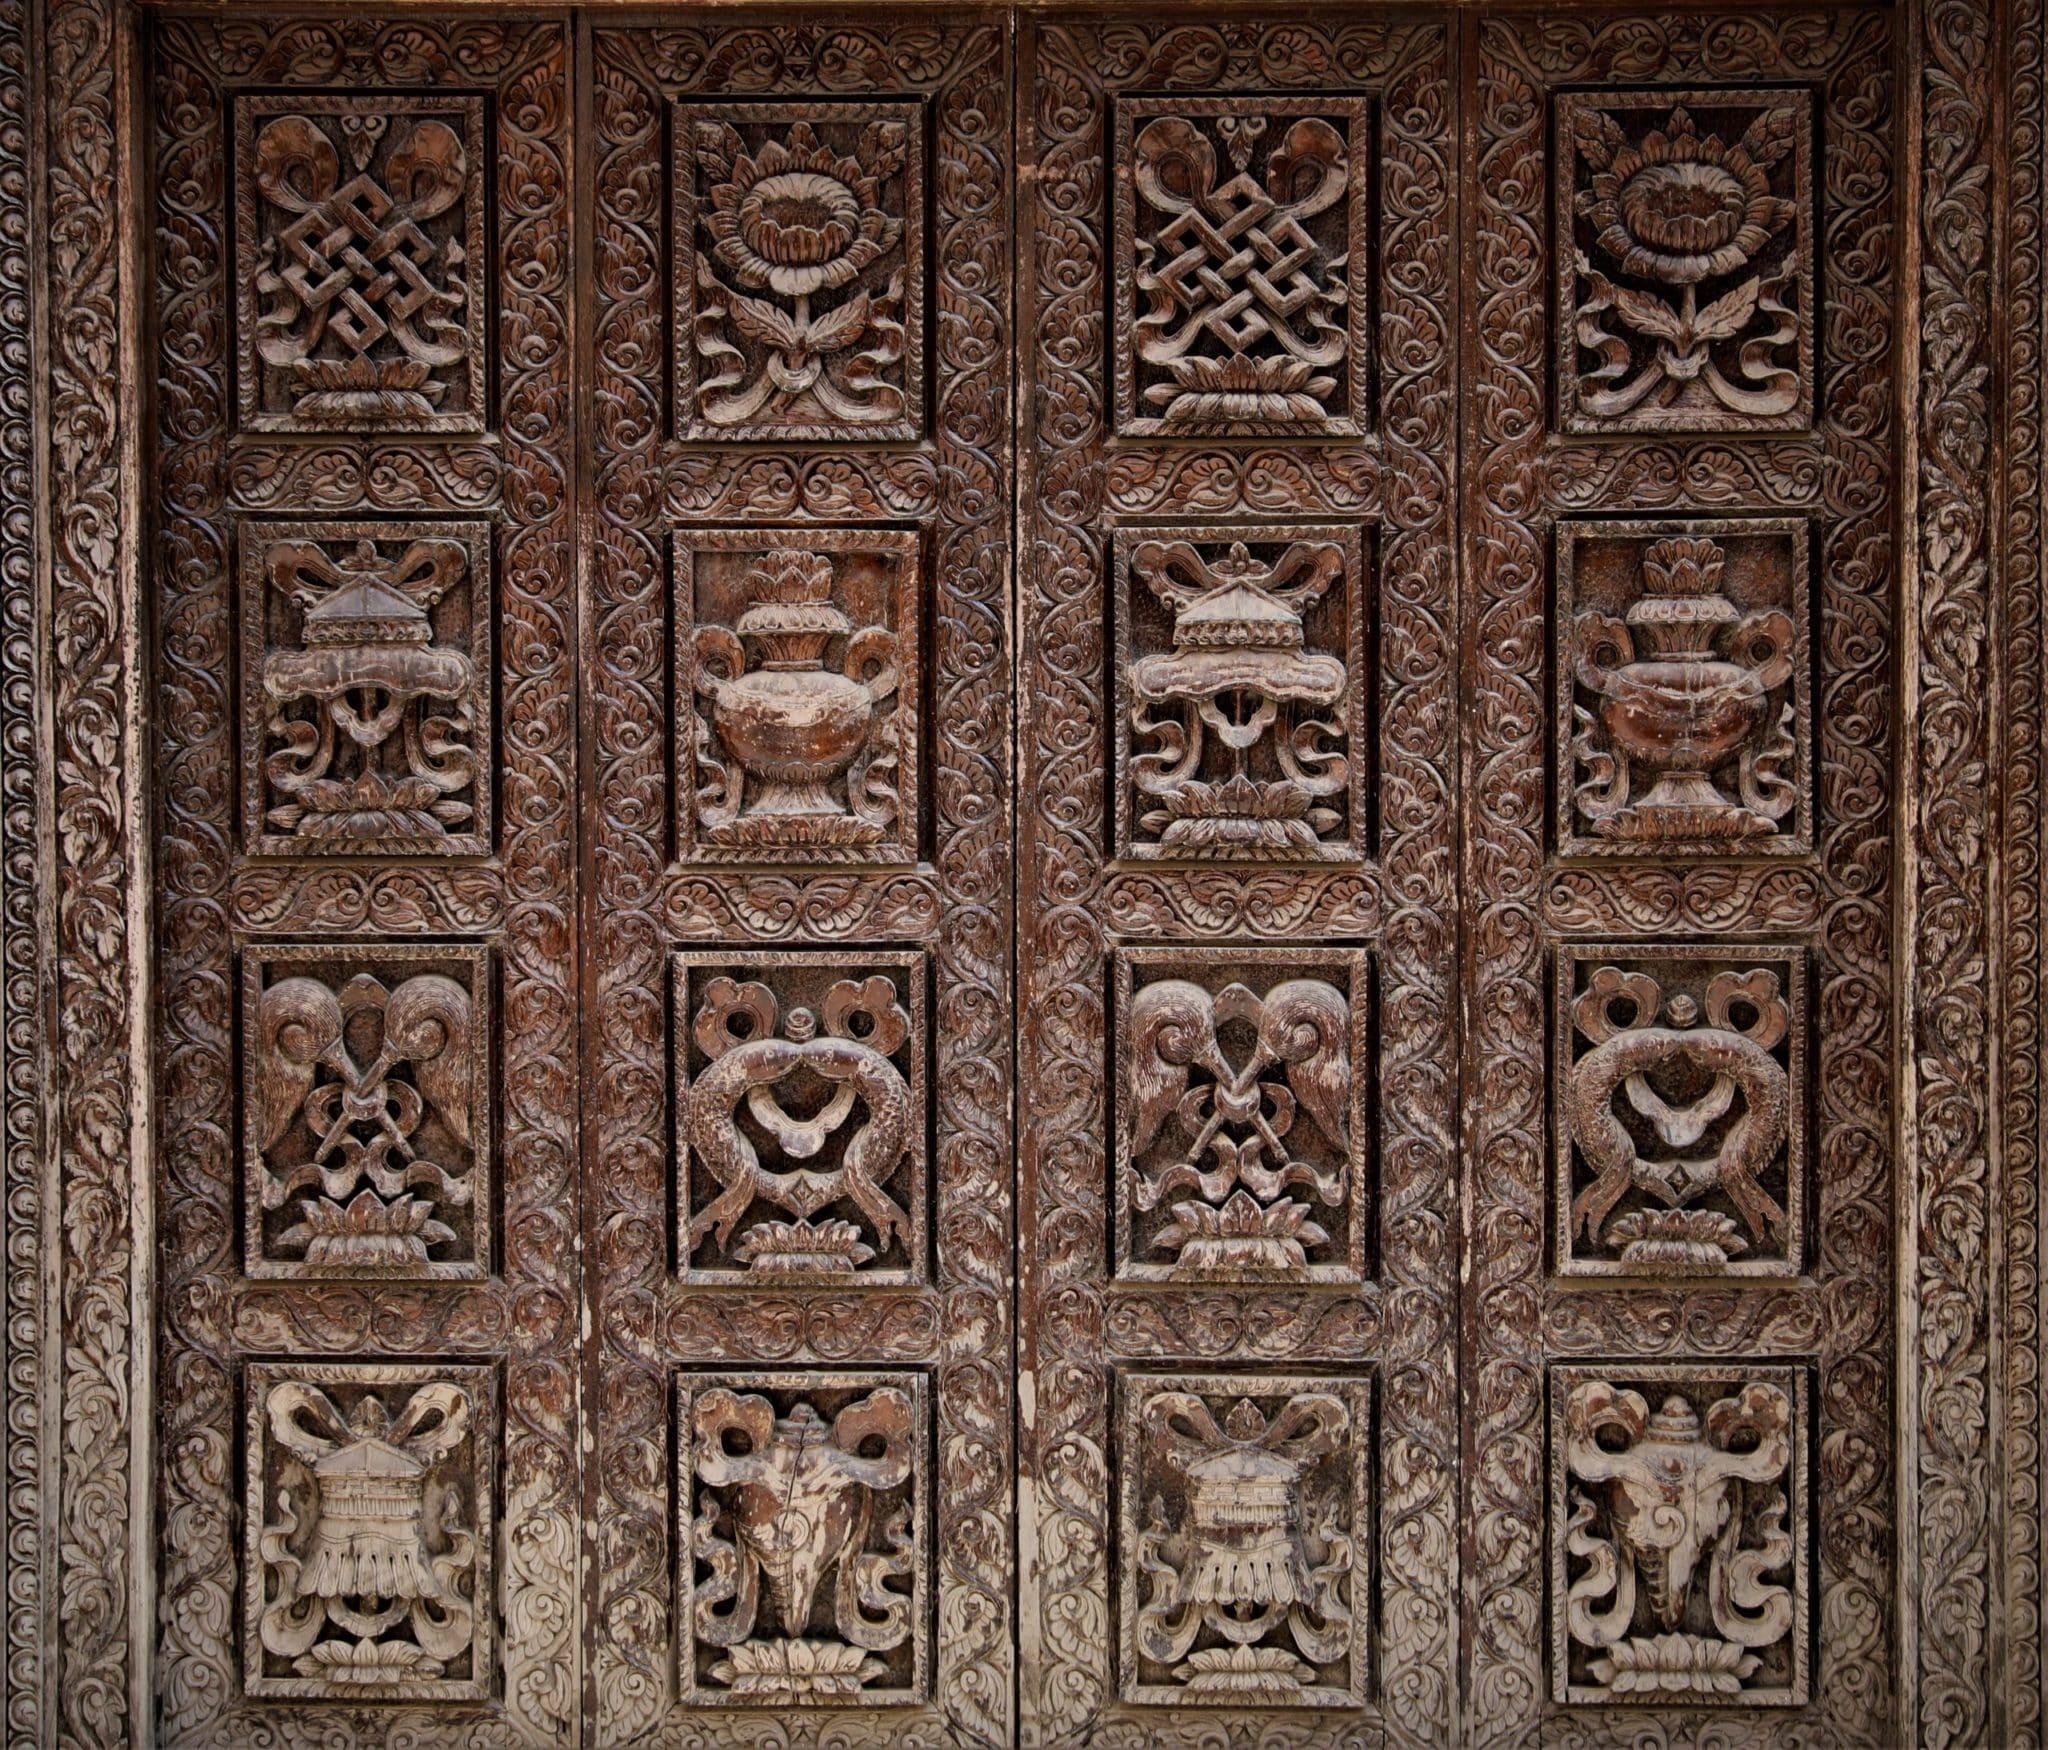 Lotus Ashtamangala Bouddhisme Mes Indes Galantes